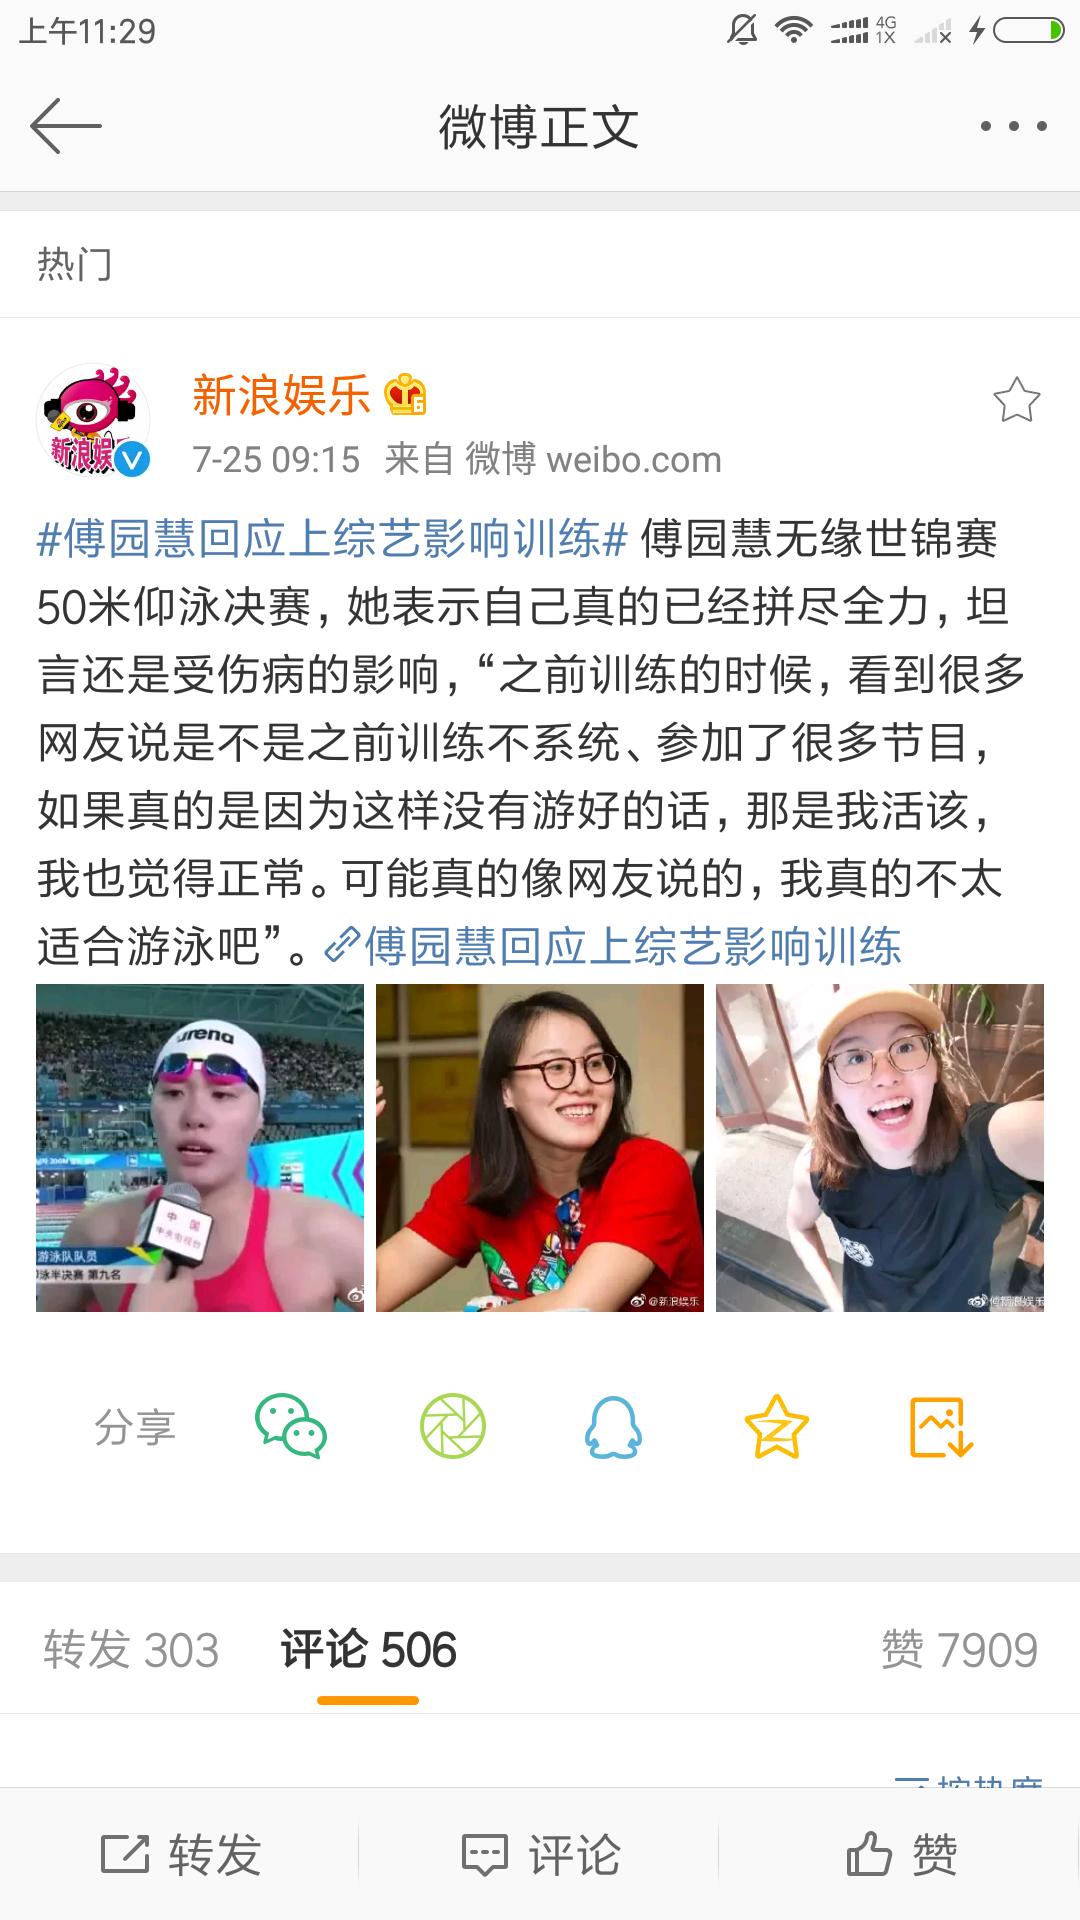 傅园慧未进决赛,只因参加太多综艺?网友:你不适合游泳